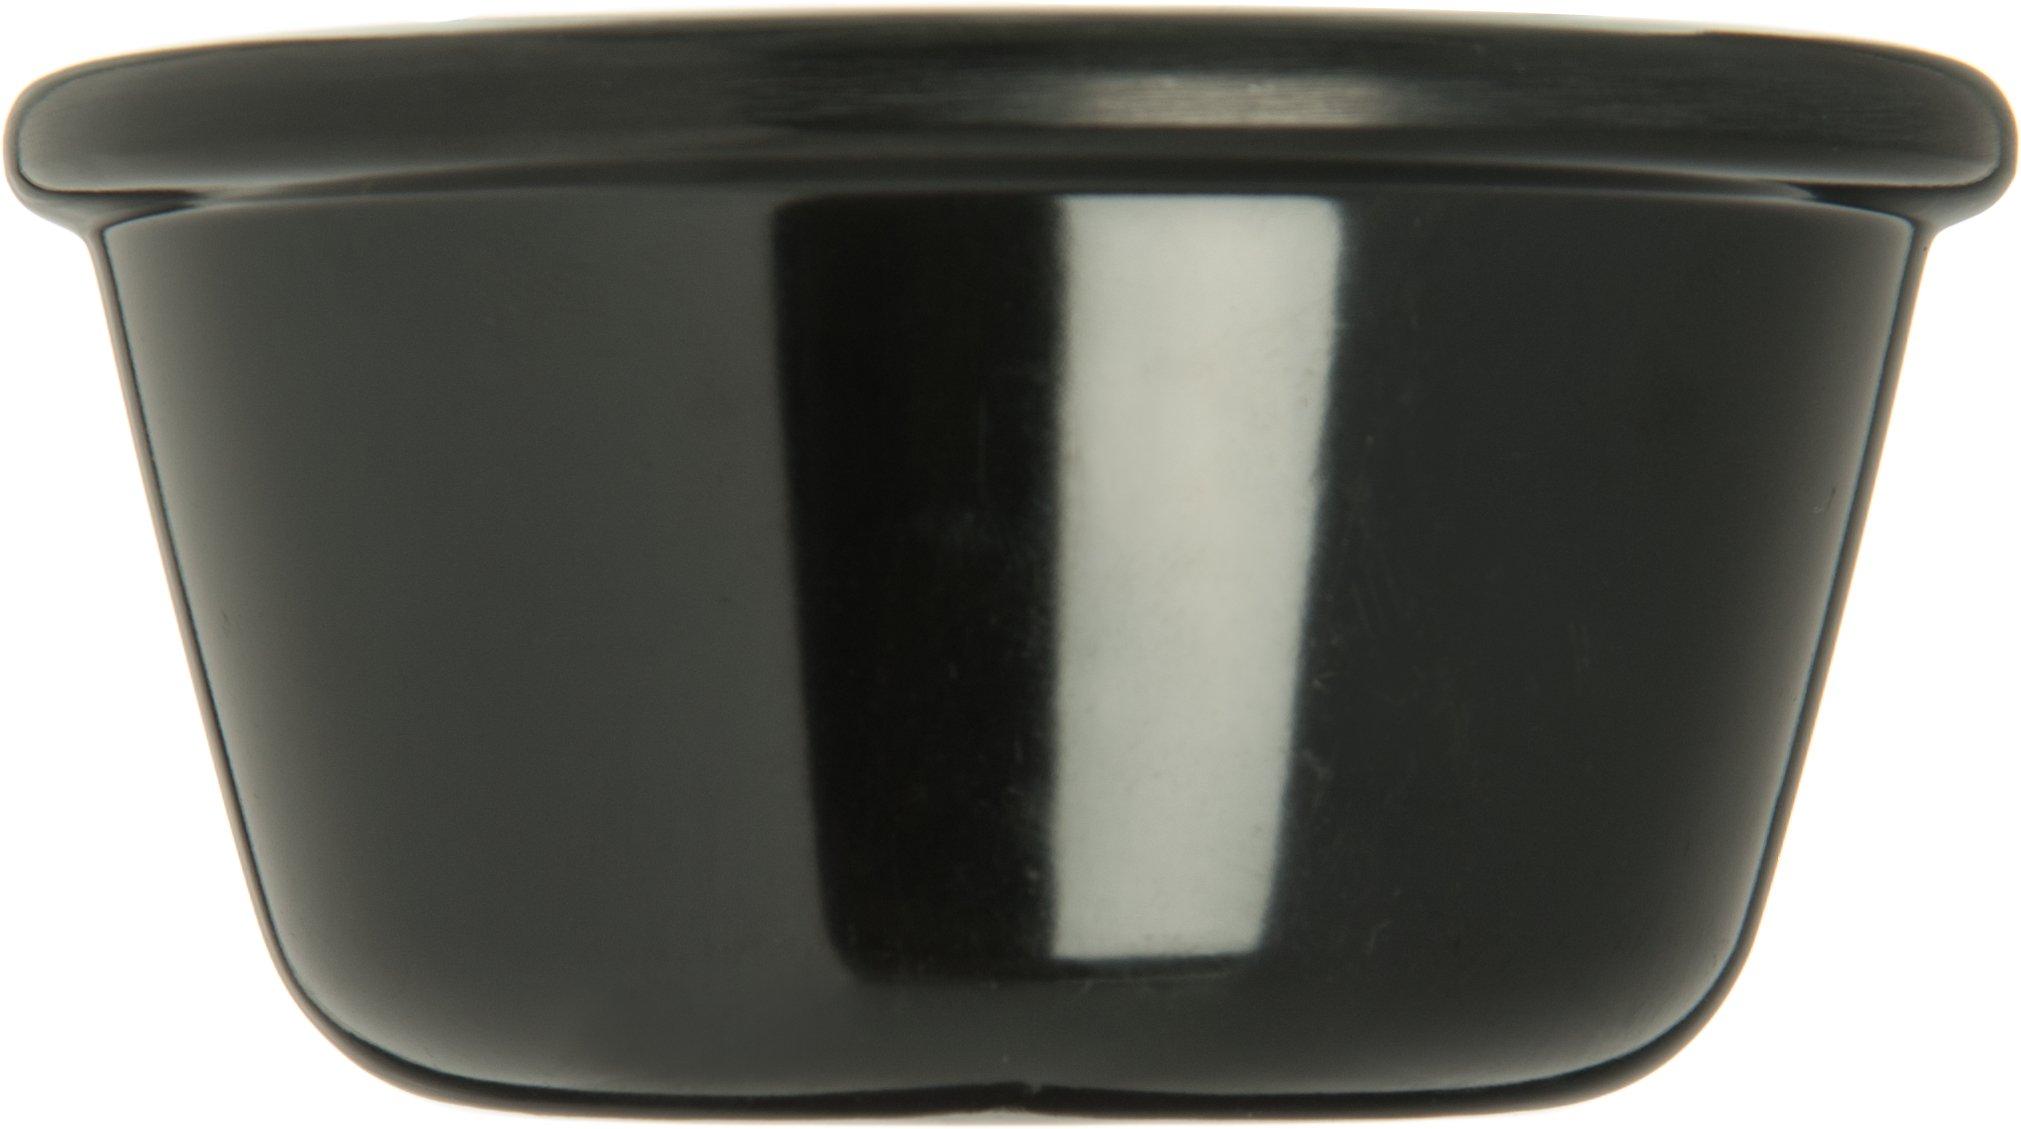 Carlisle S28503 Melamine Smooth Ramekin, 4 oz. Capacity, Black (Case of 48) by Carlisle (Image #4)